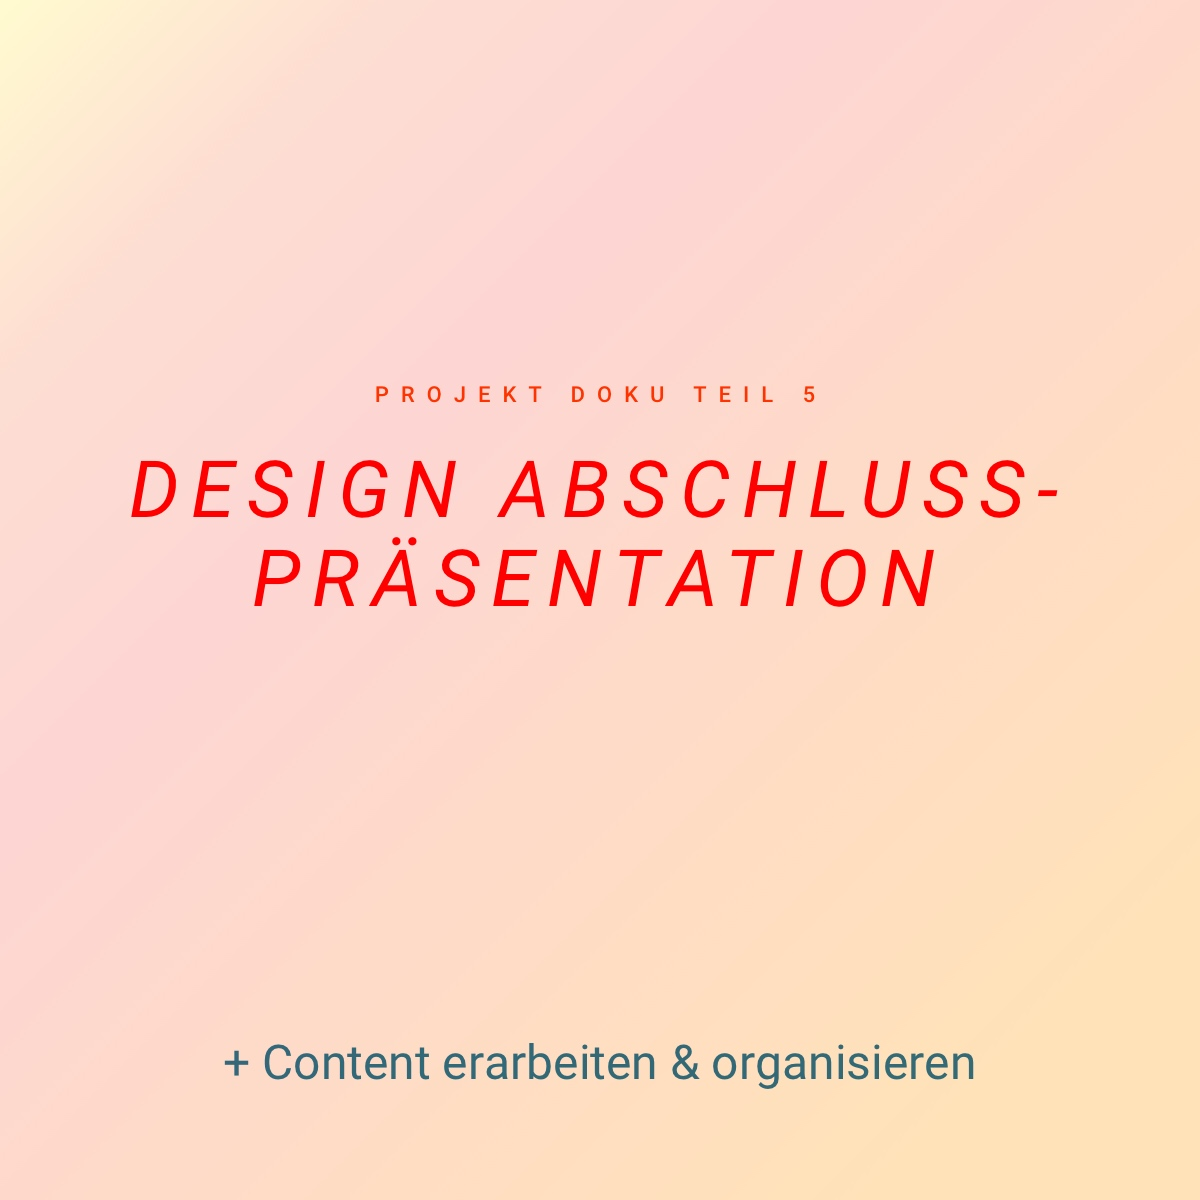 Webshop Design Abschlusspräsentation (dramatisches Feedback) / Zusatzauftrag / mein Stundensatz – Doku 5